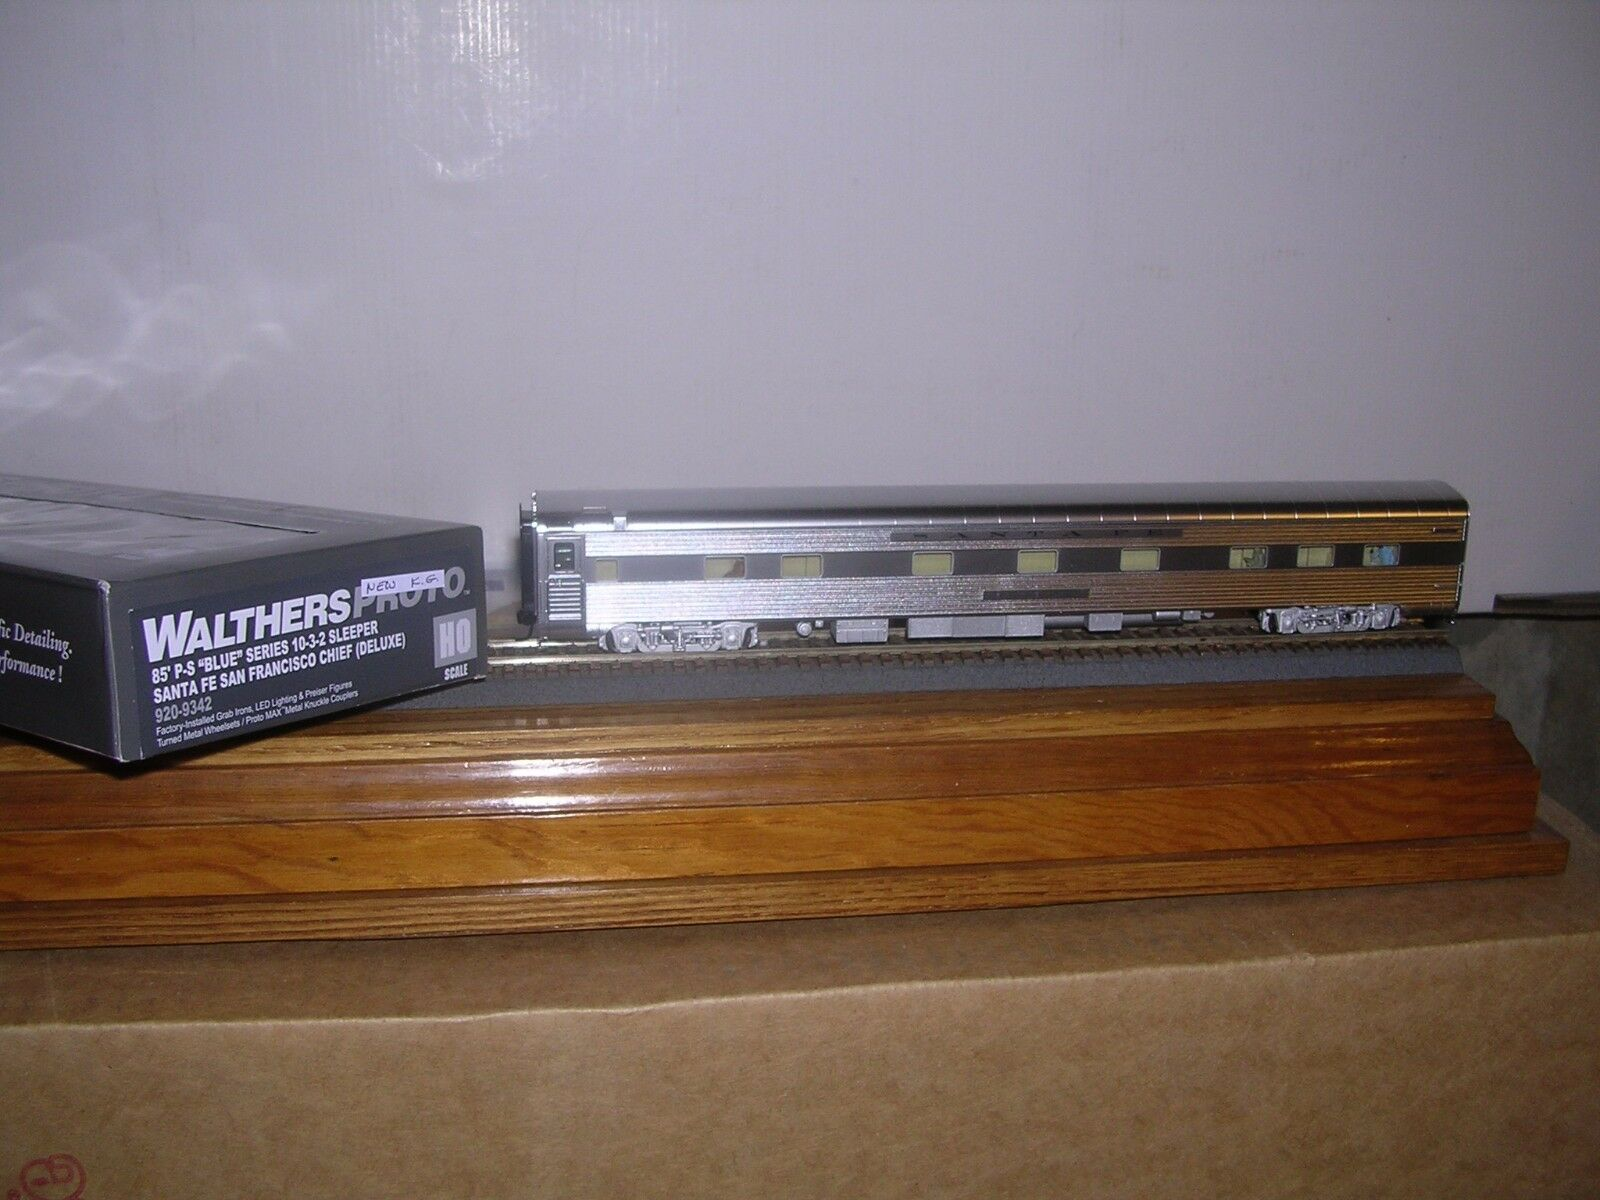 para barato Walthers Projoo  920-9342 Santa Fe Fe Fe P.S. optimizada 85' 10-3-2 Durmiente h.o.g 1 87  tiendas minoristas